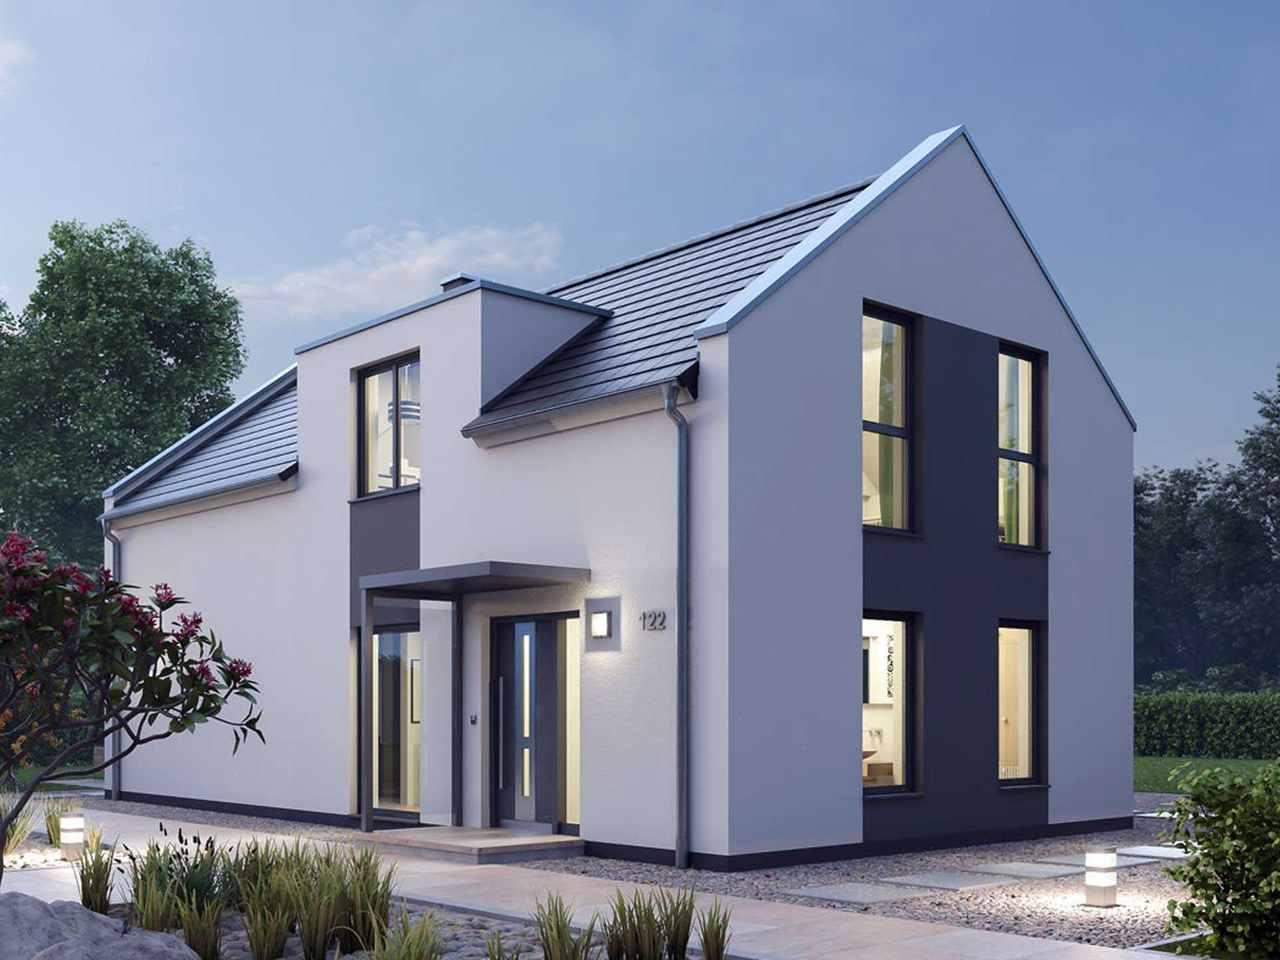 Einfamilienhaus 122 - Ytong Bausatzhaus